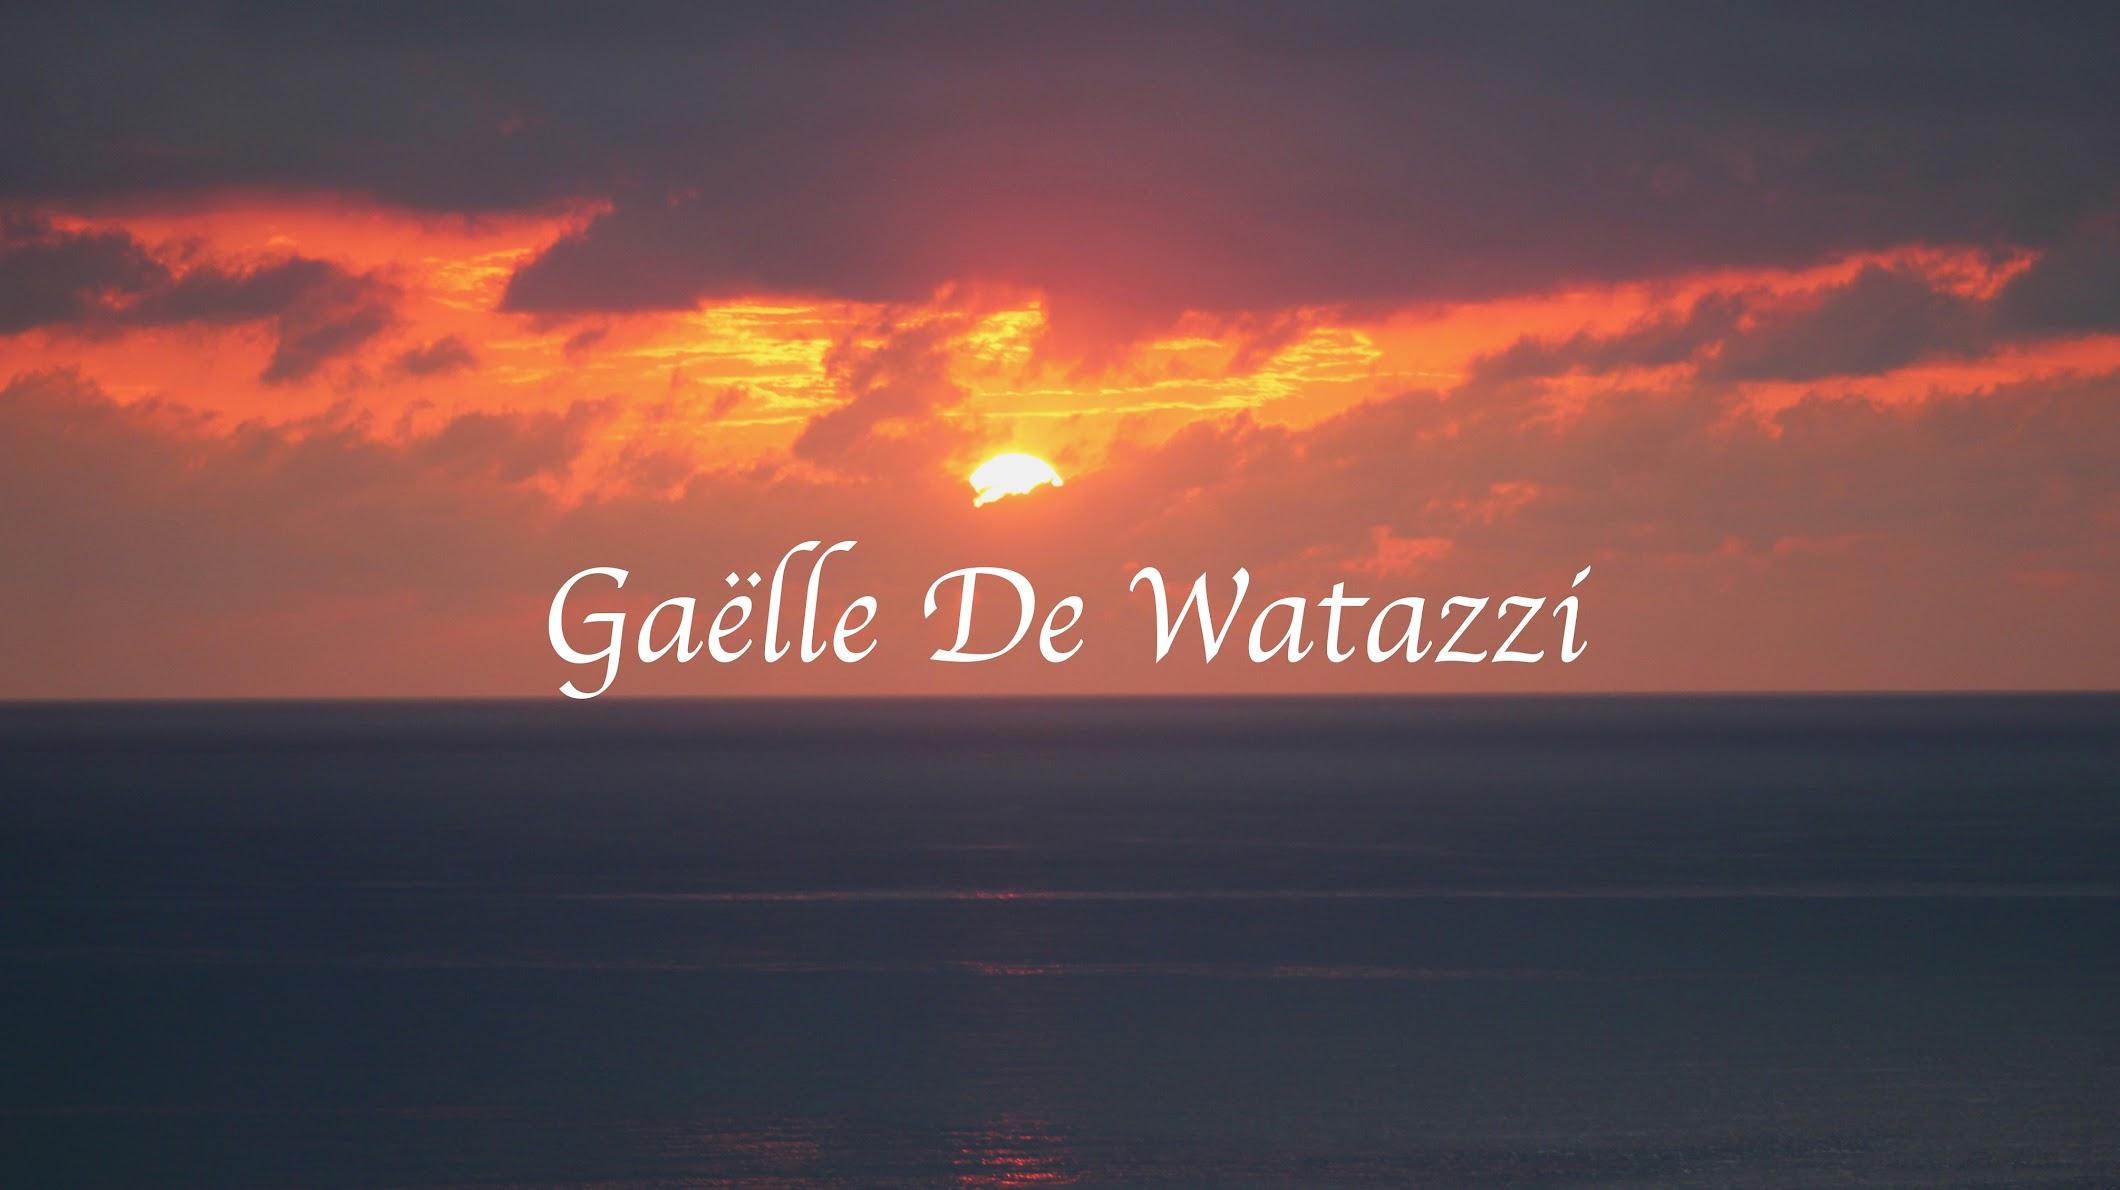 Gaelle De Watazzi